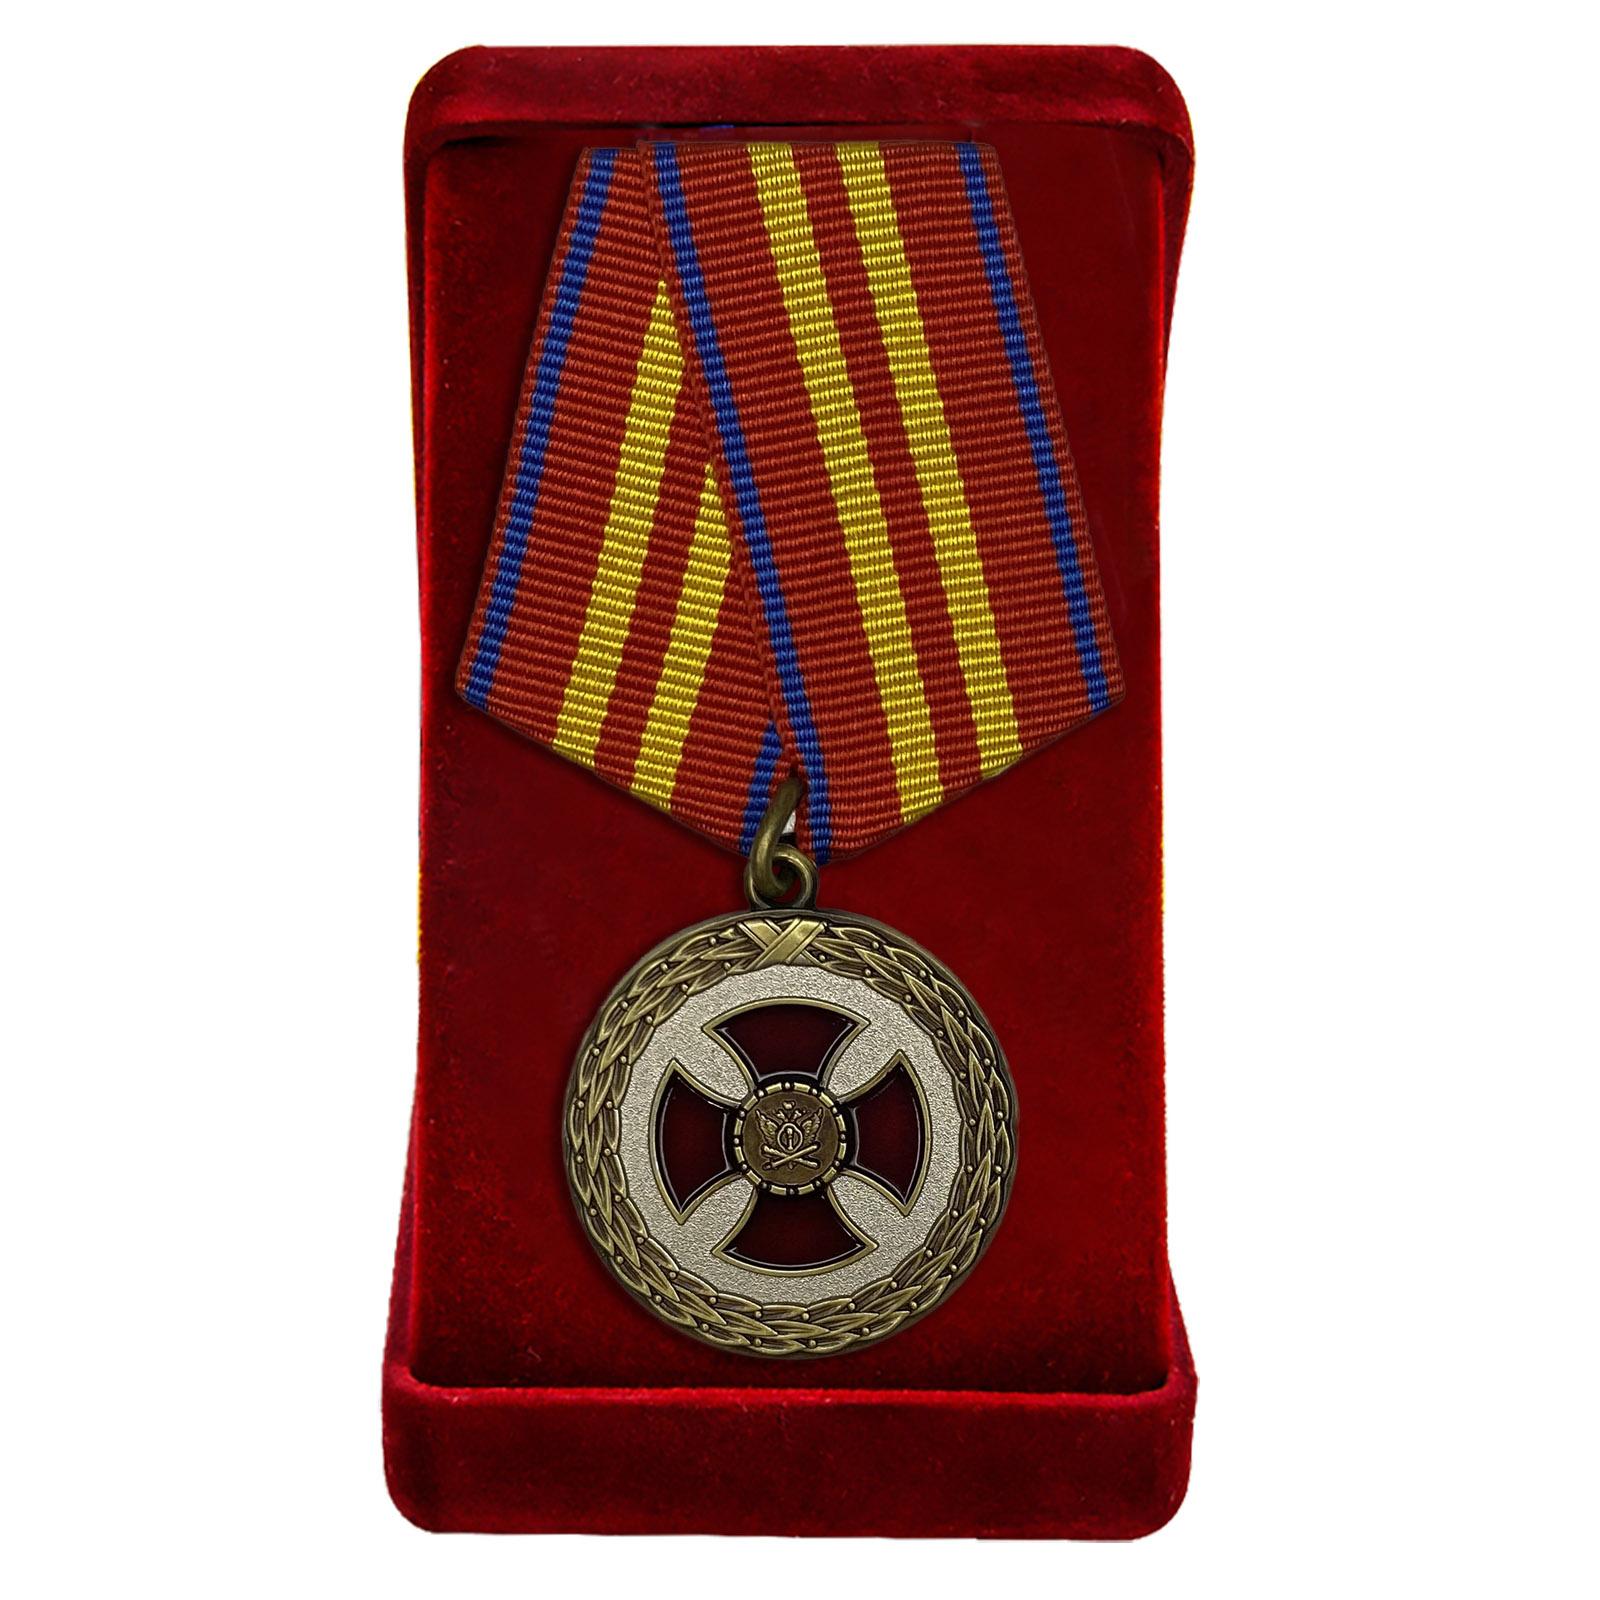 Купить медаль За усердие 2 степени Минюст России по лучшей цене